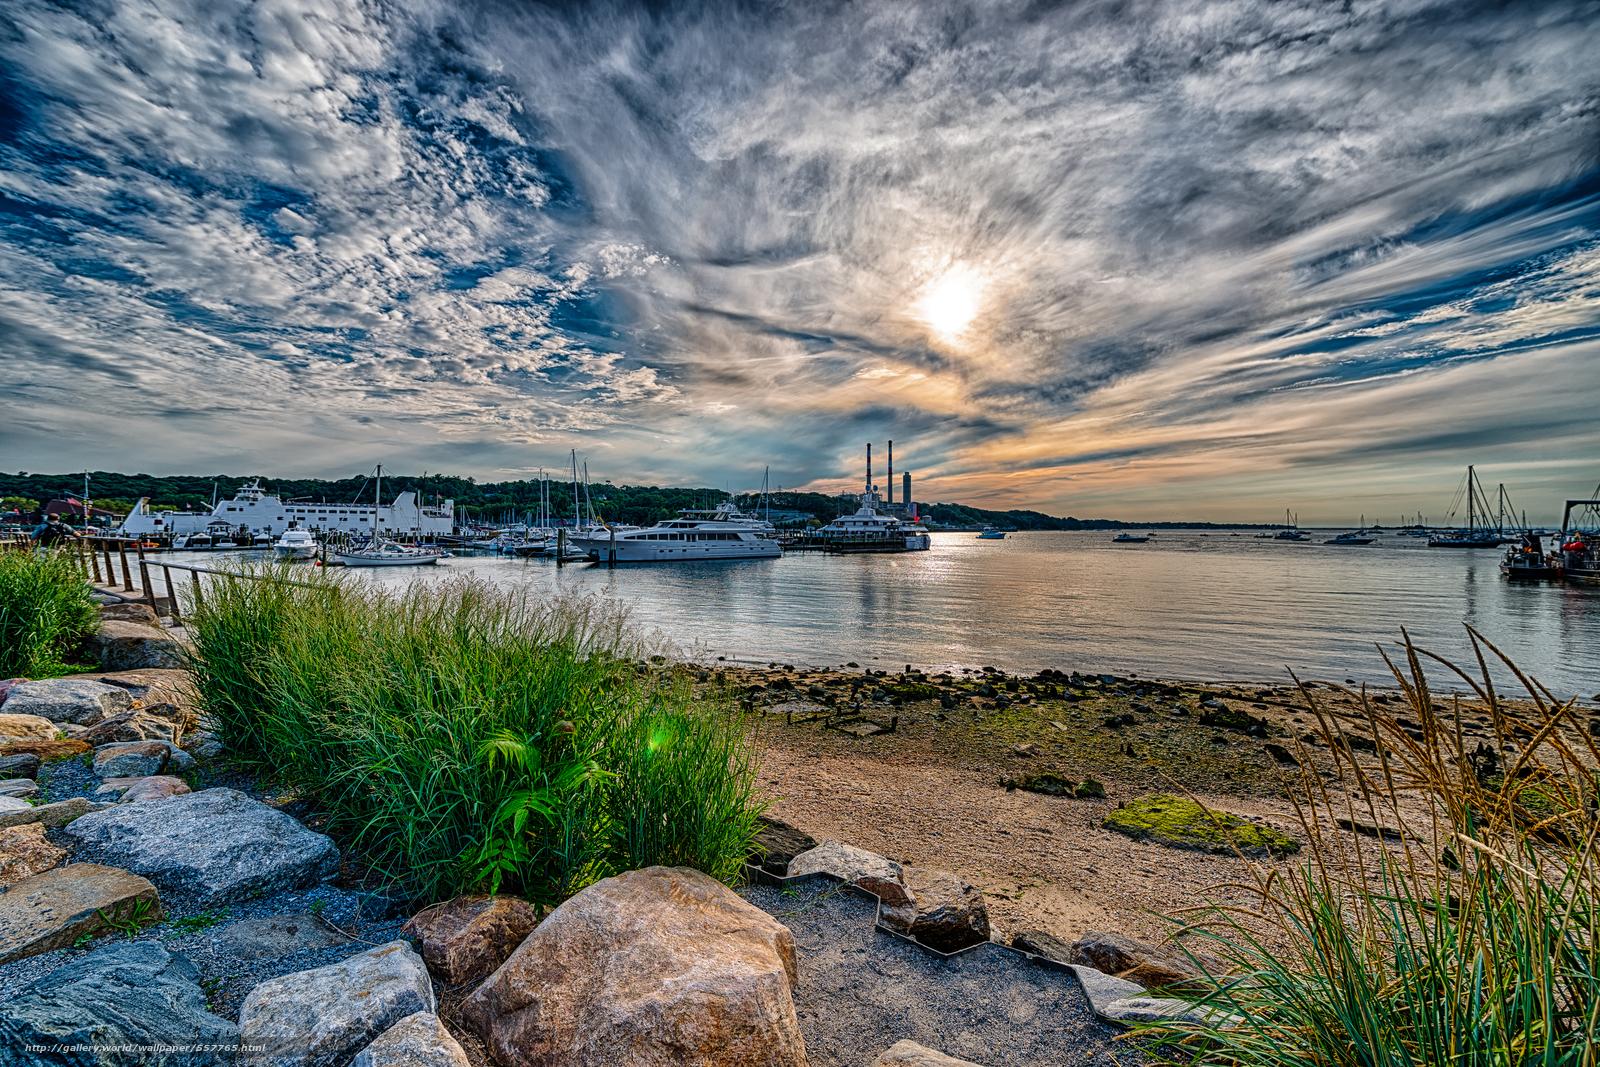 Download Hintergrund Port Jefferson Harbor   Long Island New York 1600x1067